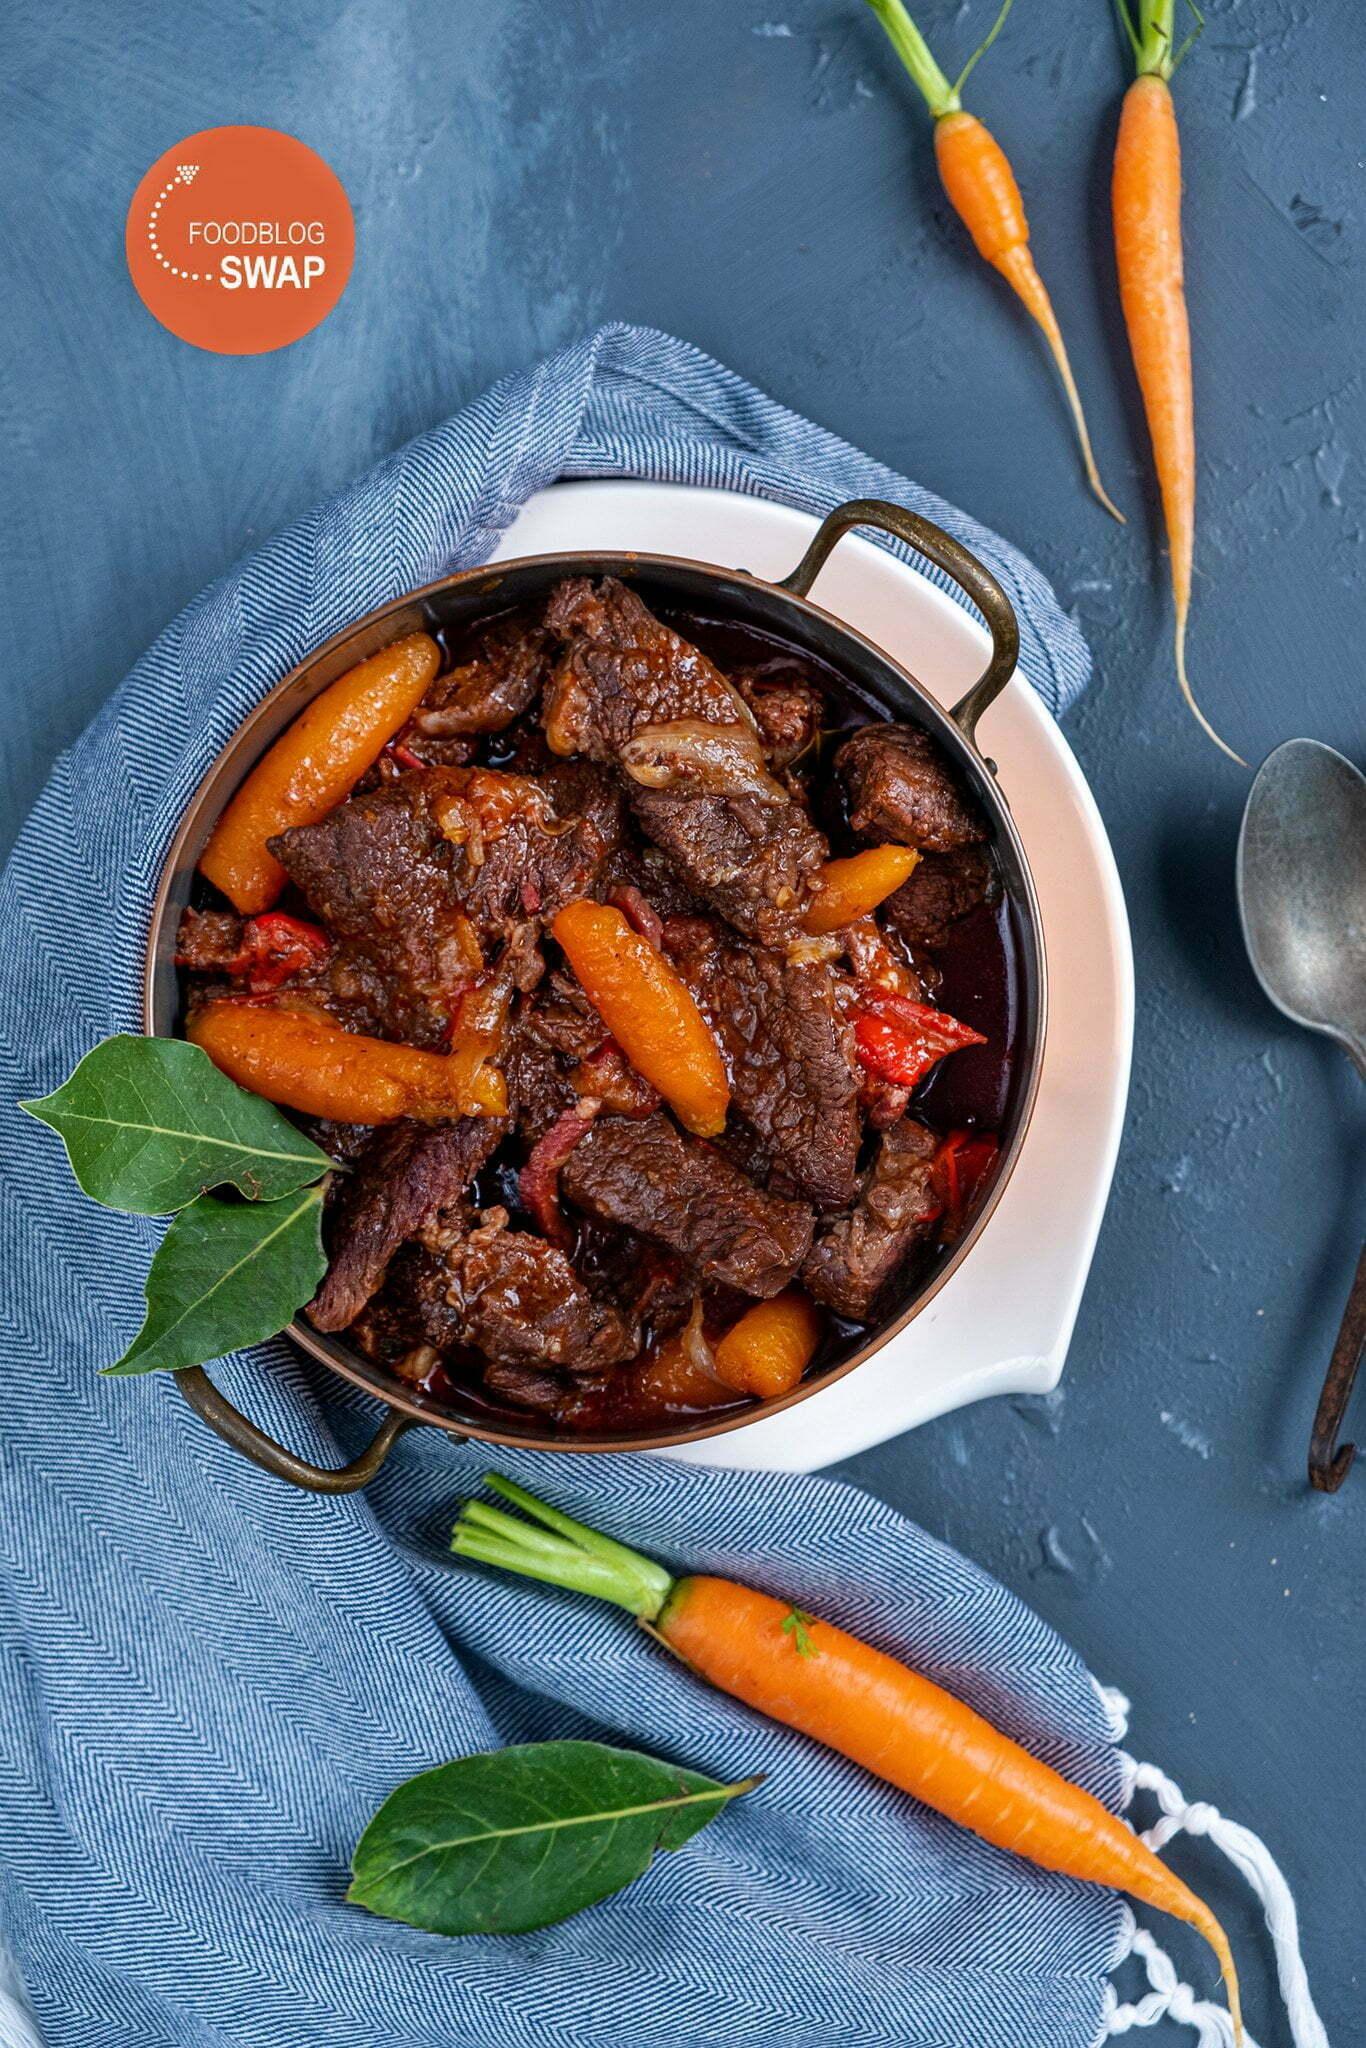 Heerlijke Boeuf Bourguignon recept - Foodblogswap